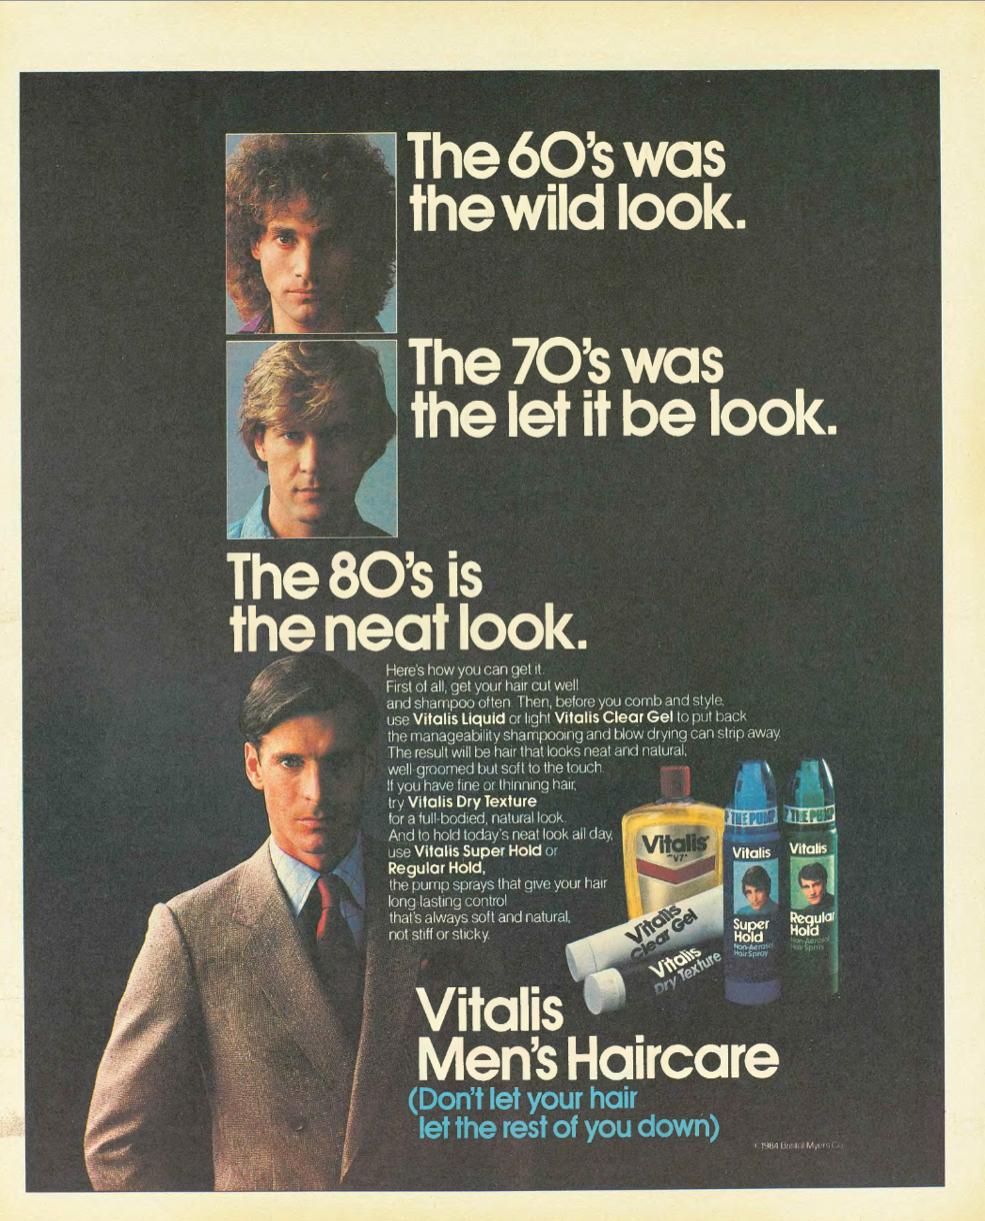 The Best Retro 1980s Ads - Vintage Ads - Thrillist